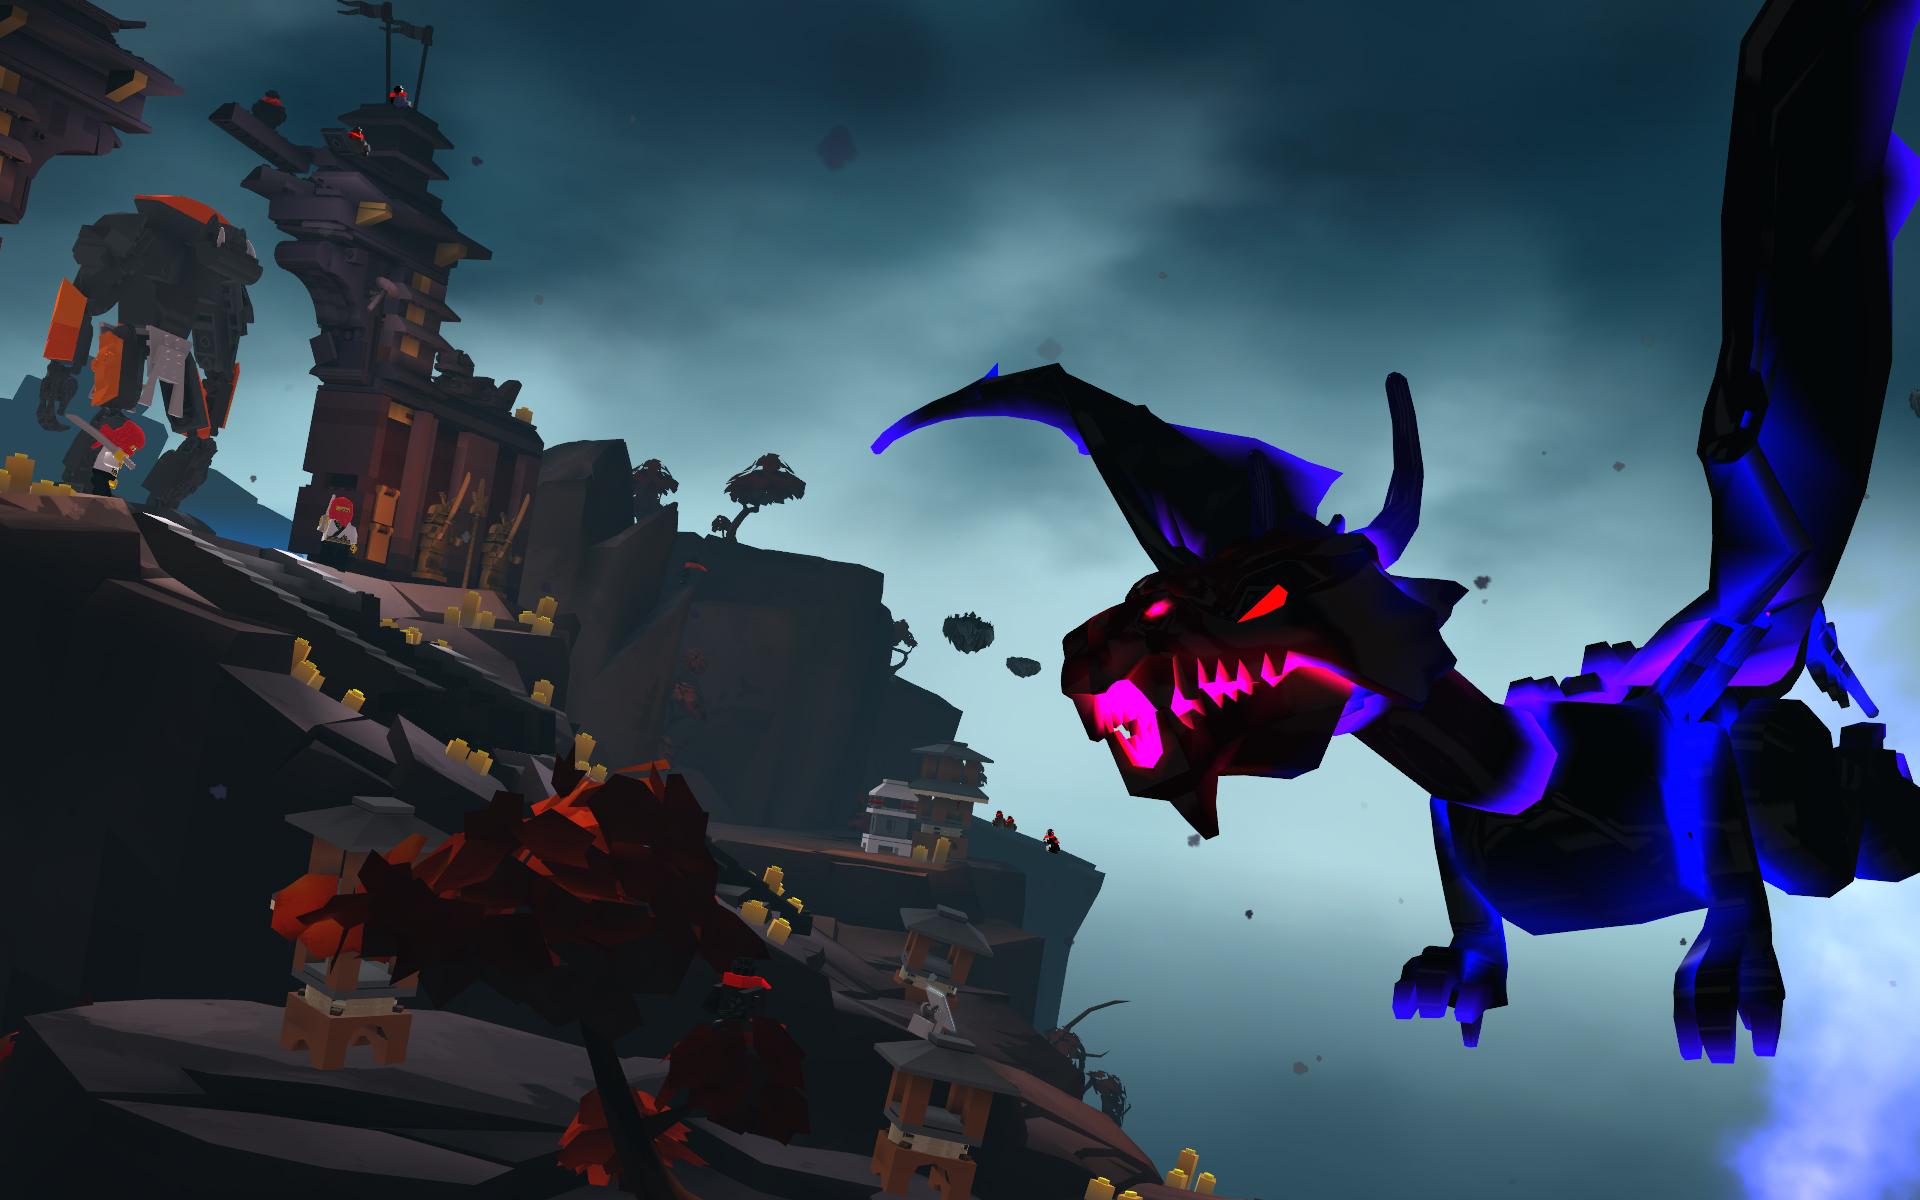 Maelstrom Dragon Lego Universe Wiki Fandom Powered By Wikia Skeleton Tower 7093